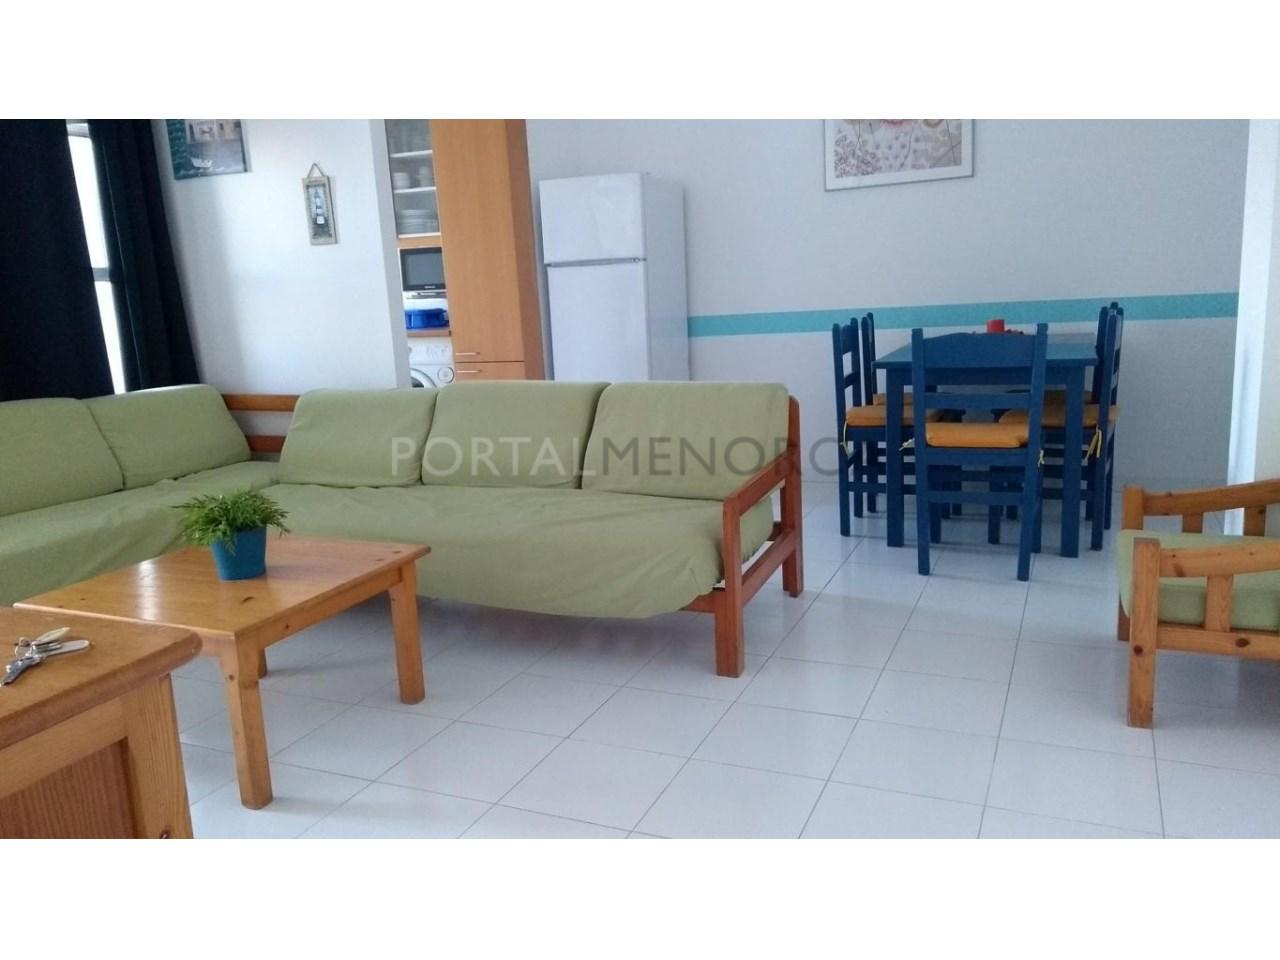 apartamento en venta en Son Xoriguer con piscina comunitaria-Salón